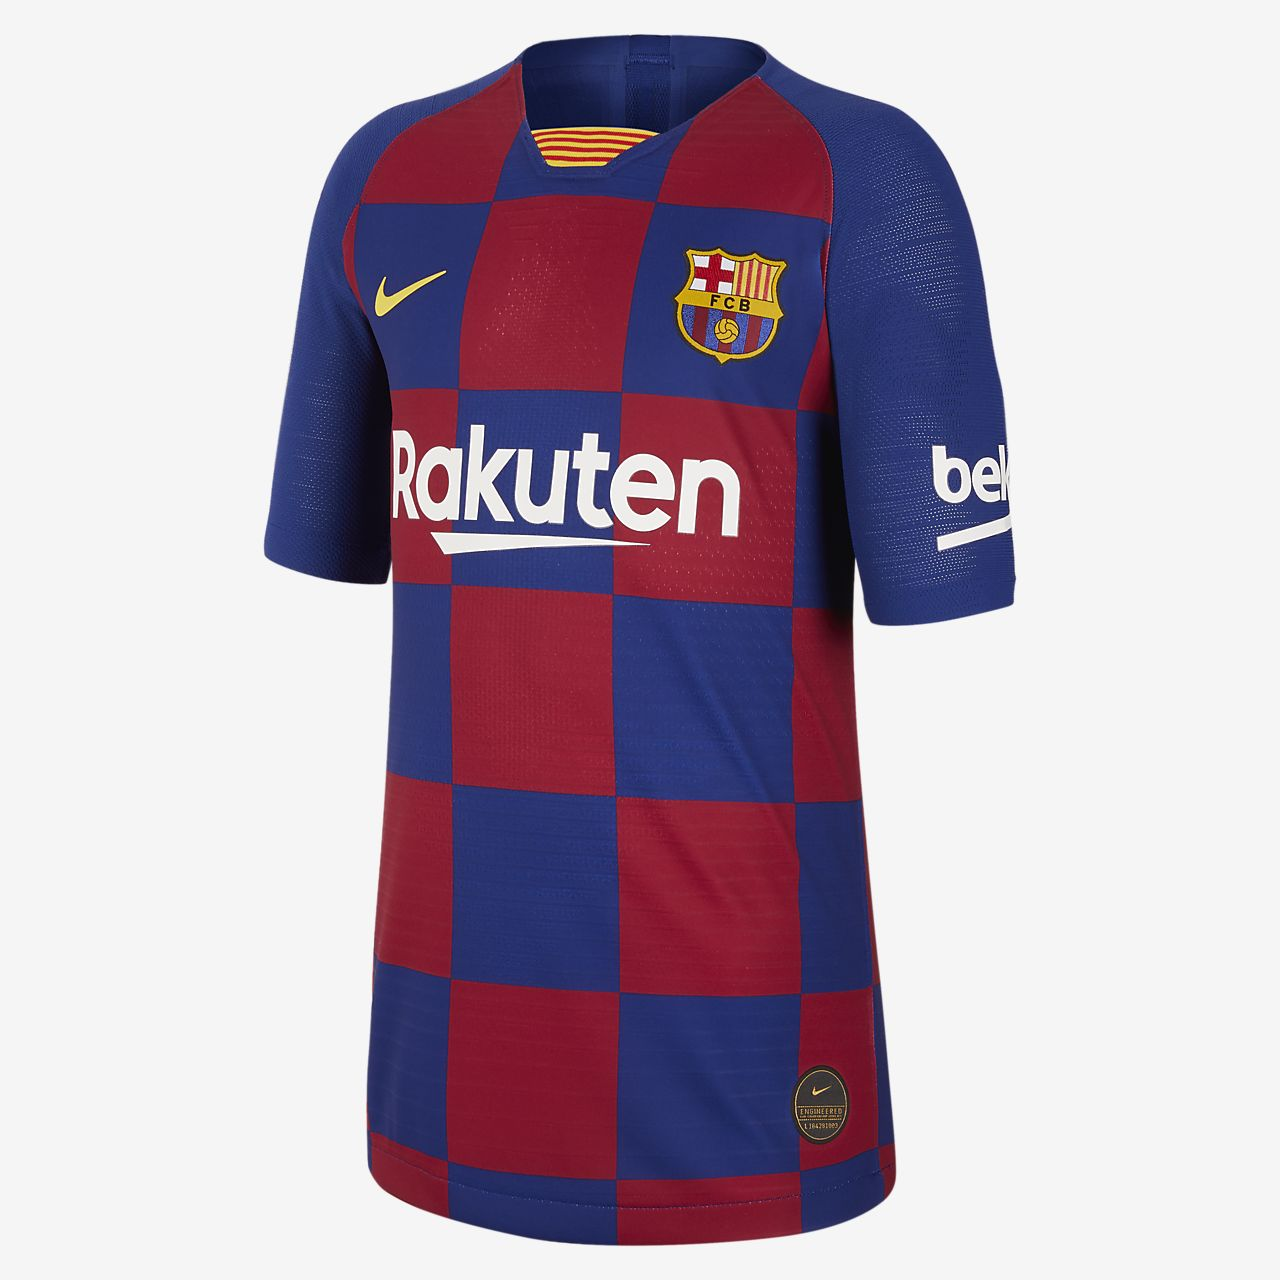 Ποδοσφαιρική φανέλα FC Barcelona 2019/20 Vapor Match Home για μεγάλα παιδιά